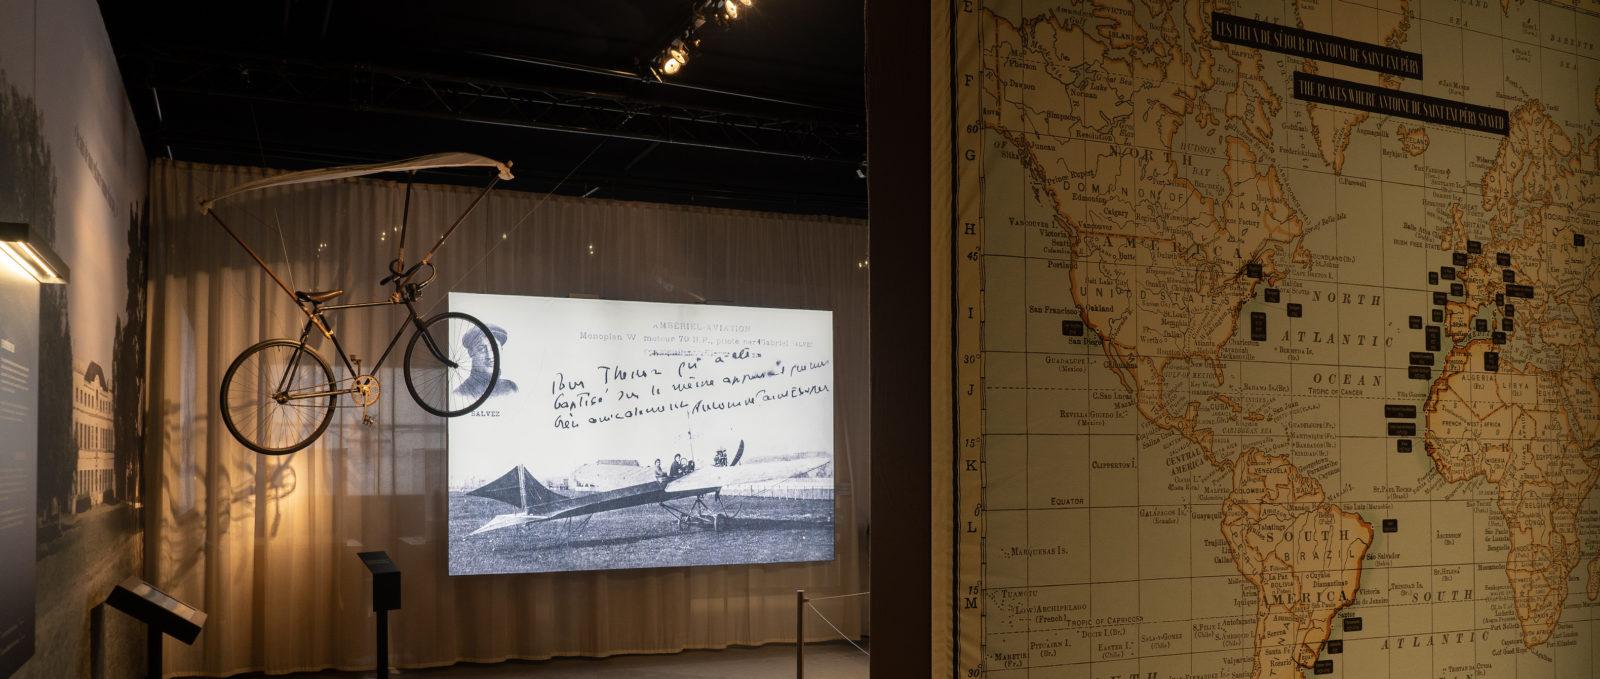 Vue de l'expo Saint Ex Lyon - carte de ses voyages